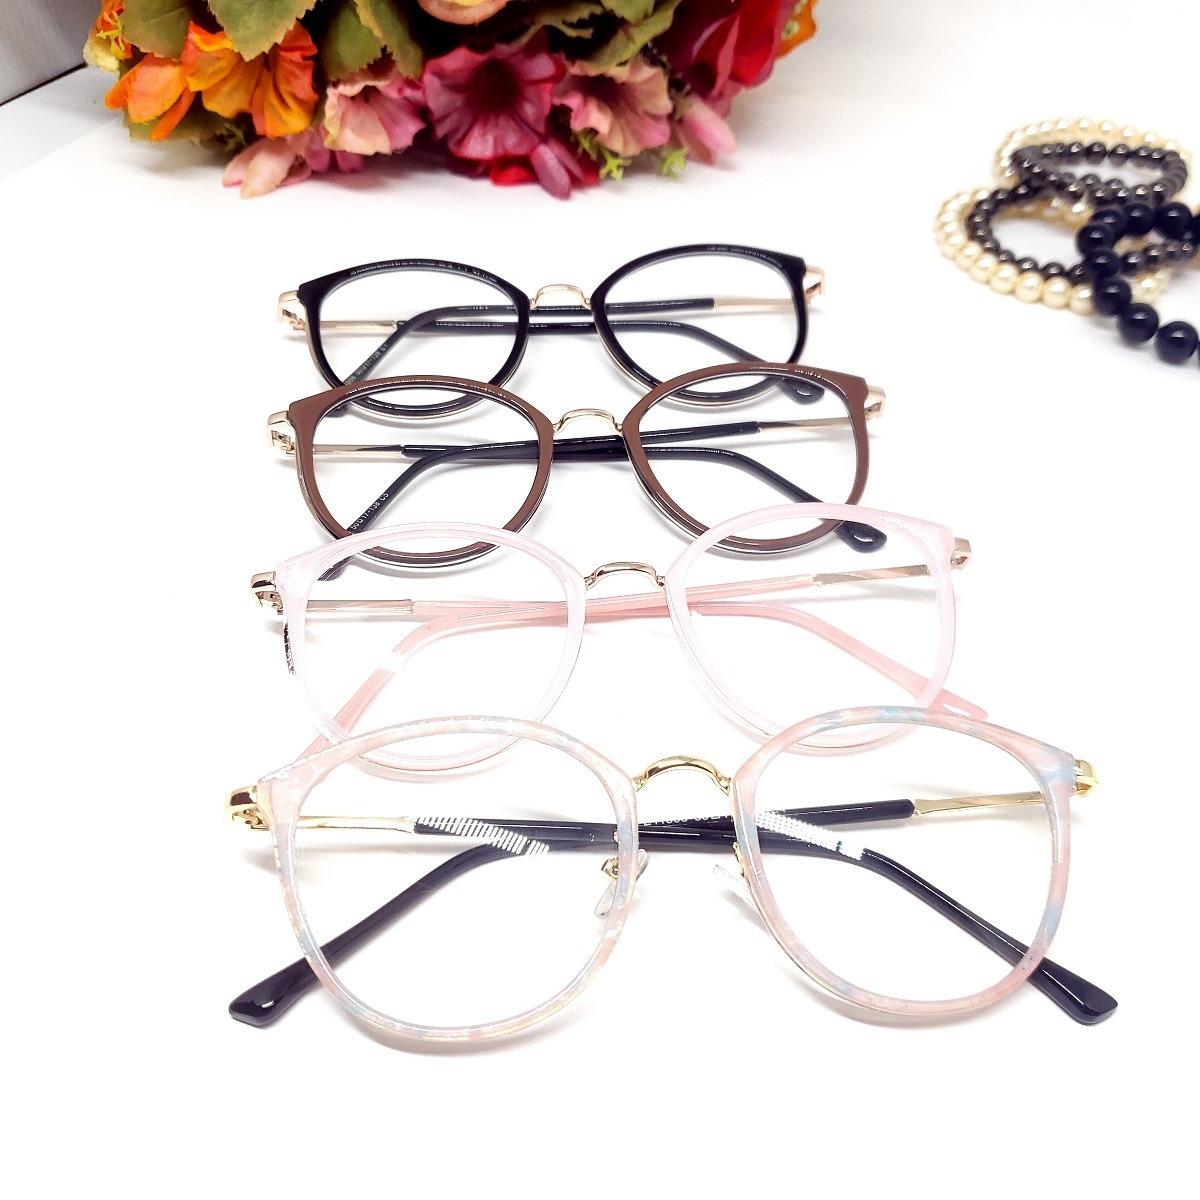 f30b4d36b2a6e óculos armação de grau gatinho redondo psg-11006tt + brinde. Carregando zoom .